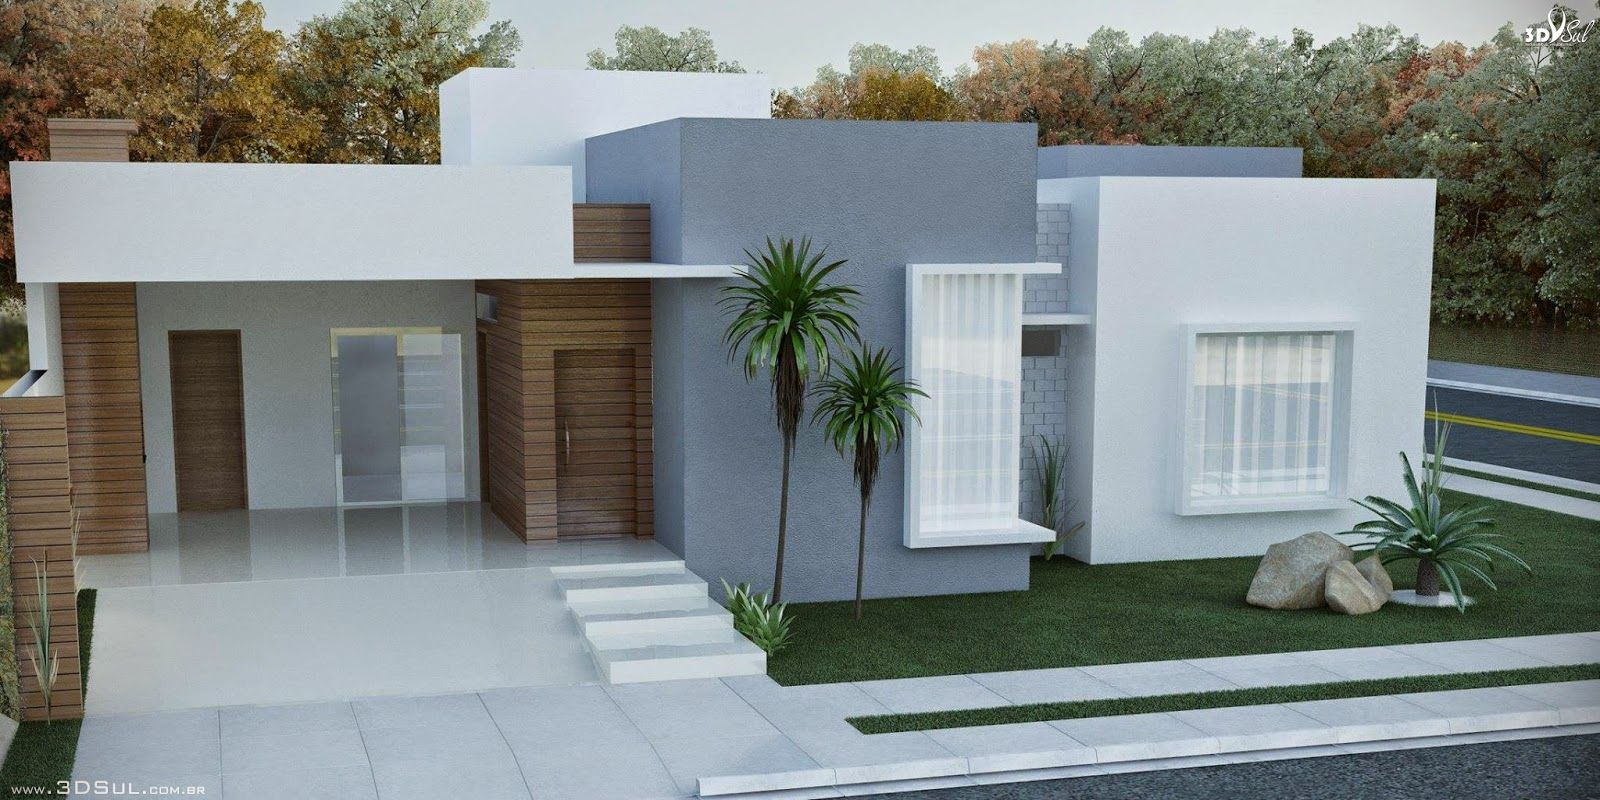 Fachadas de casas quadradas veja 40 modelos dos sonhos for Modelos de fachadas de casas modernas